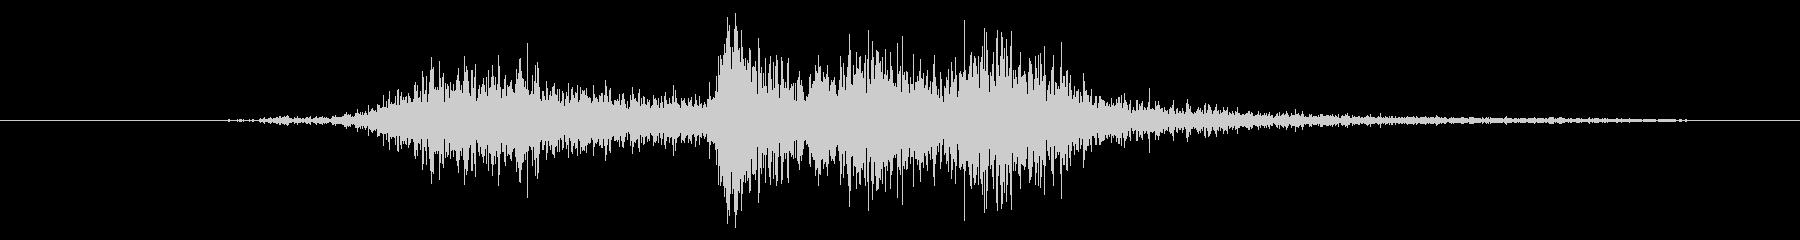 機械 ドリルワイヤーブラシ03の未再生の波形